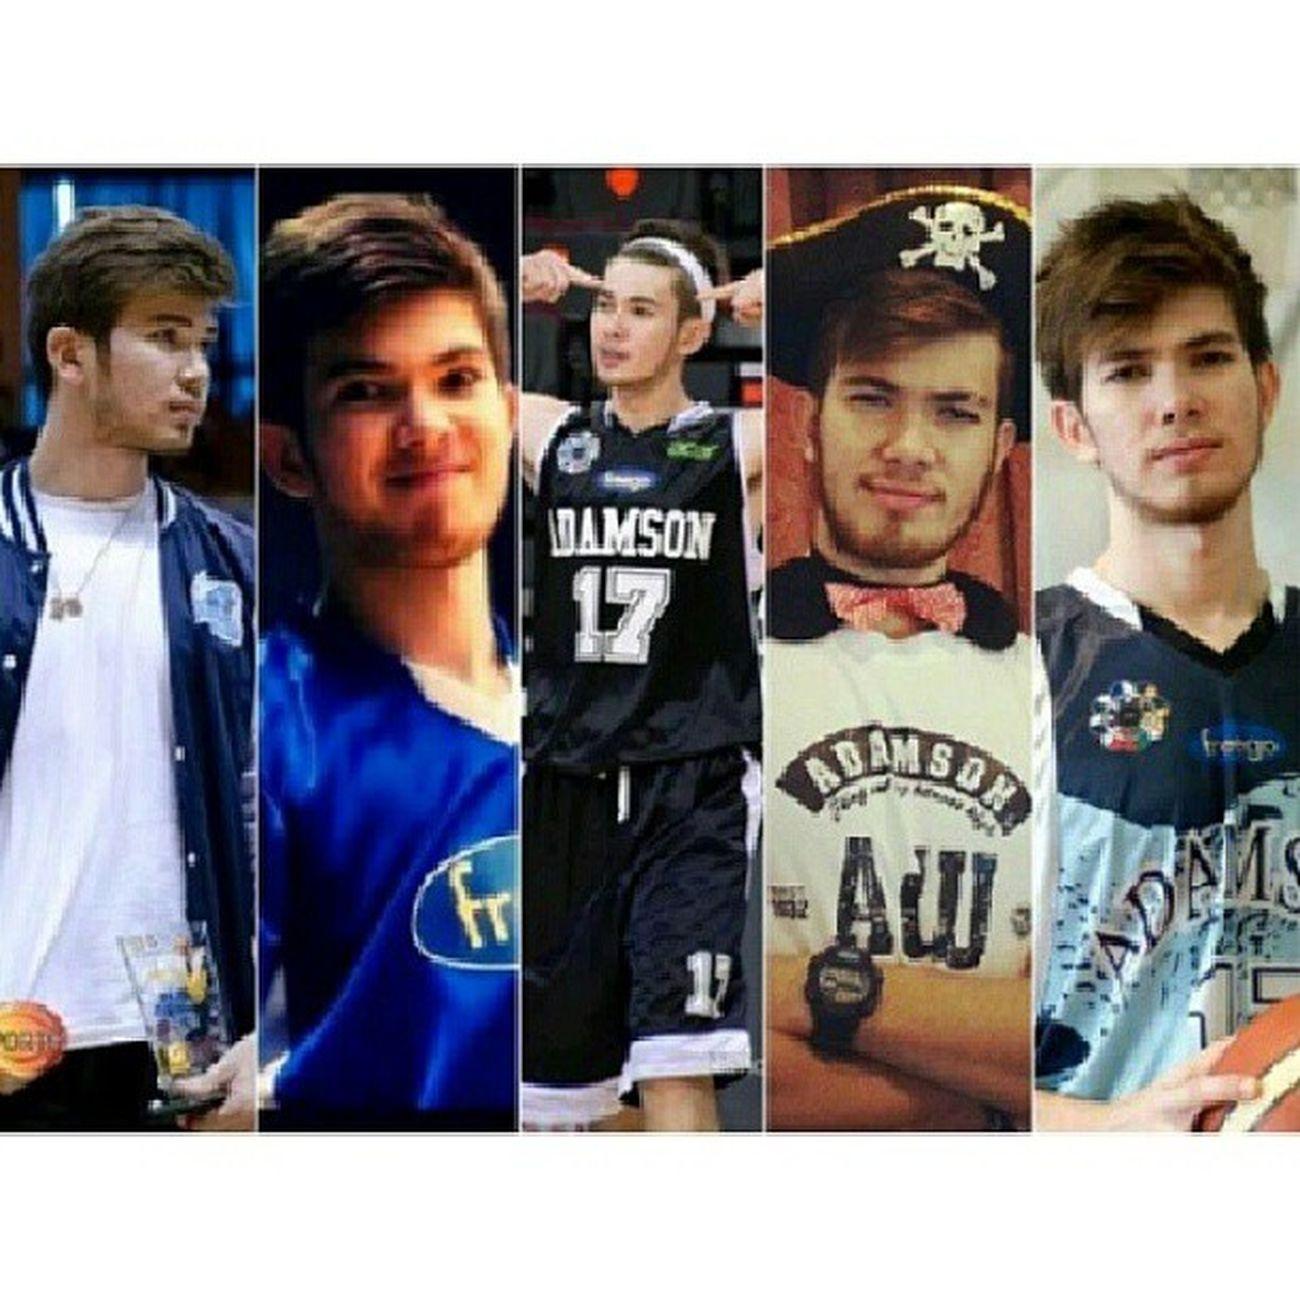 Rodney Brondial Gwaapoooo Sakuragi AdamsonMensBasketballPlayer Jersey17 @roadknee17 ♥_♥